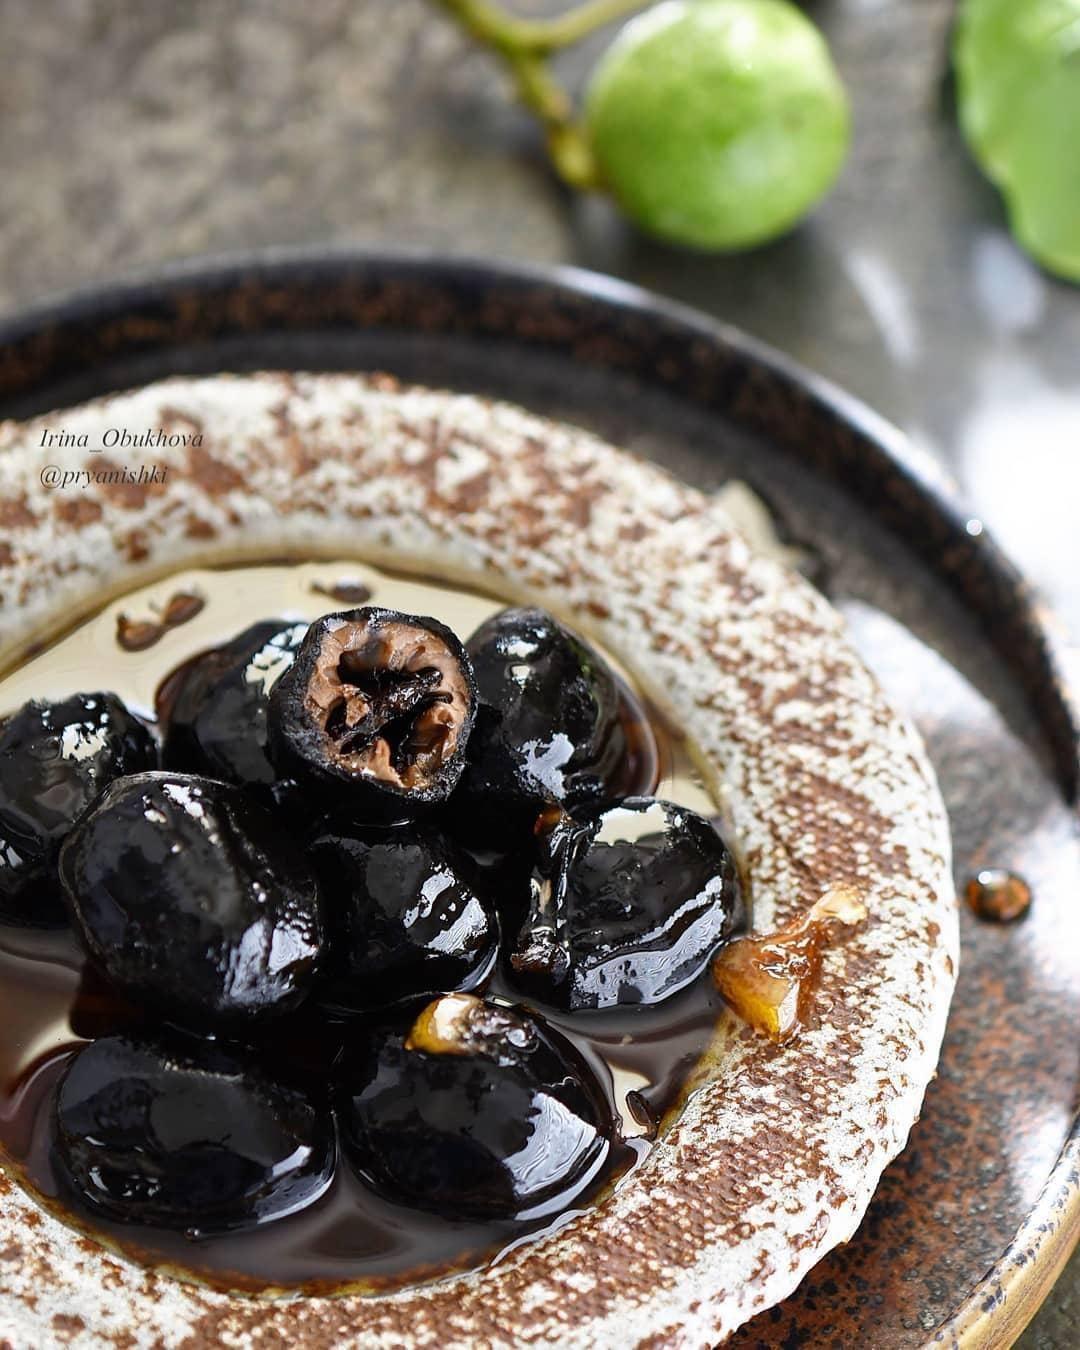 Варенье из грецких орехов: польза и вред, рецепт приготовления варенье из грецких орехов: польза и вред, рецепт приготовления